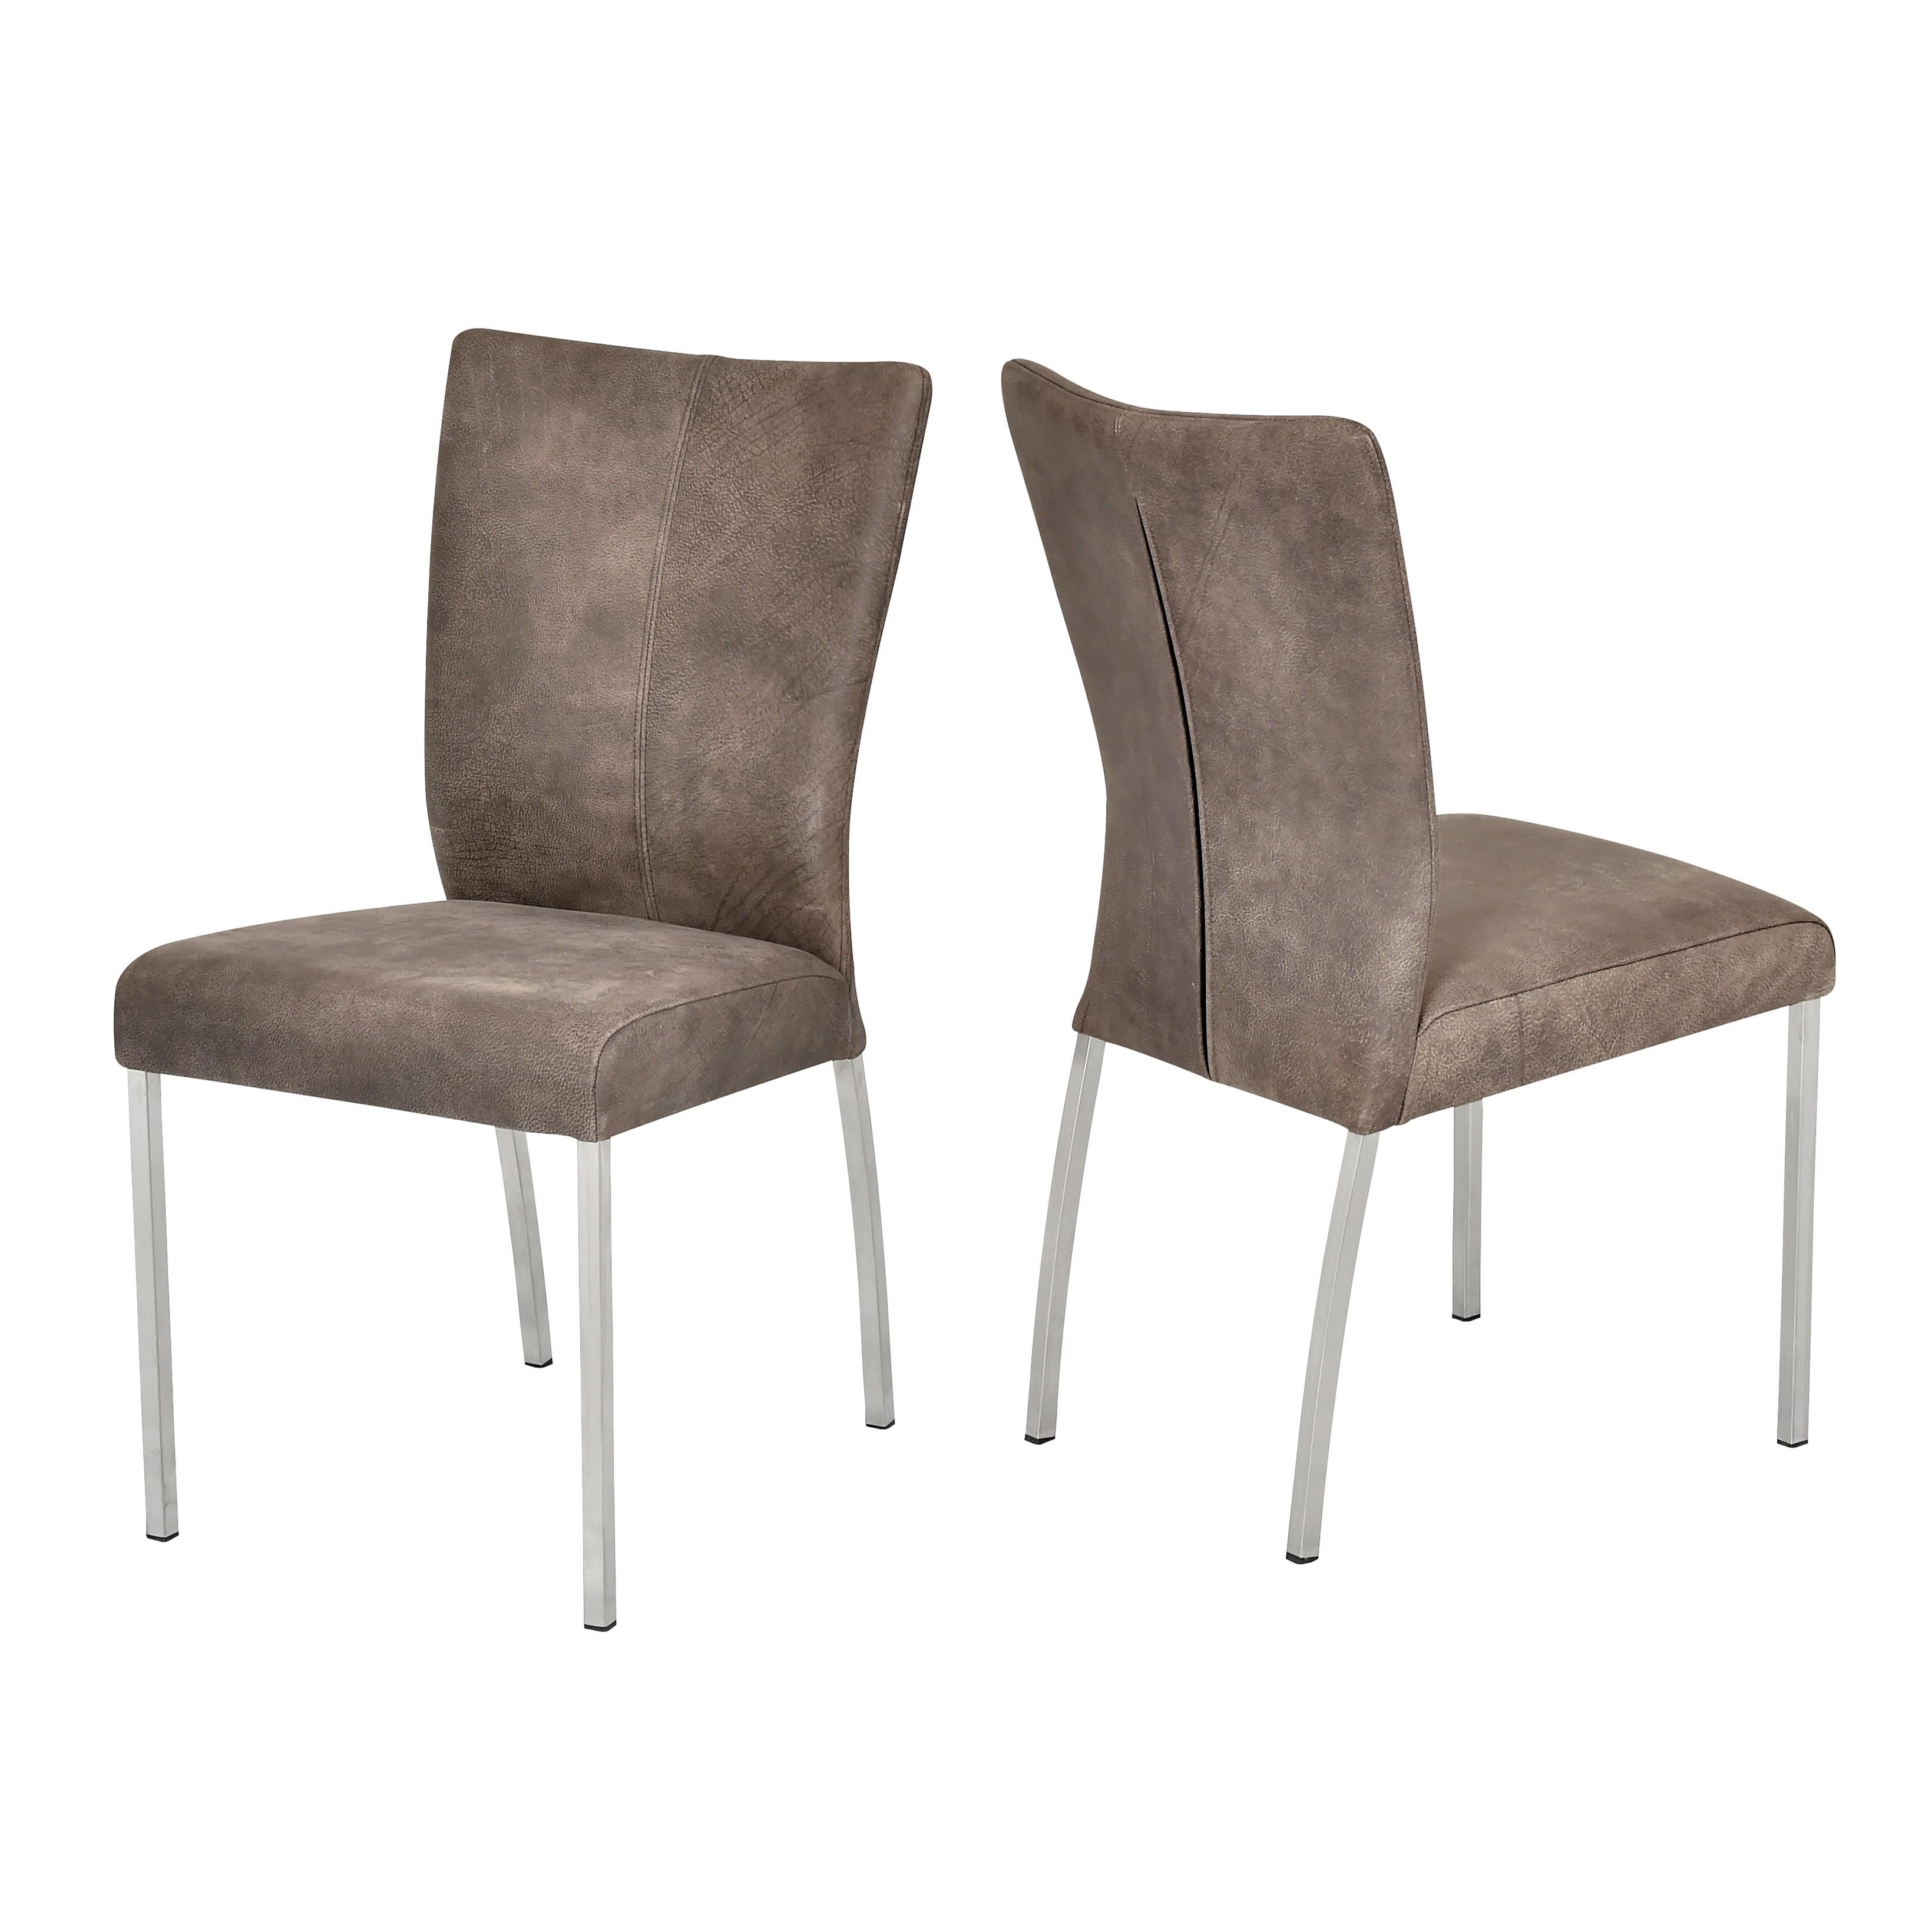 Stuhl ROMA (Vierfussstuhl) (1 Stk) 01